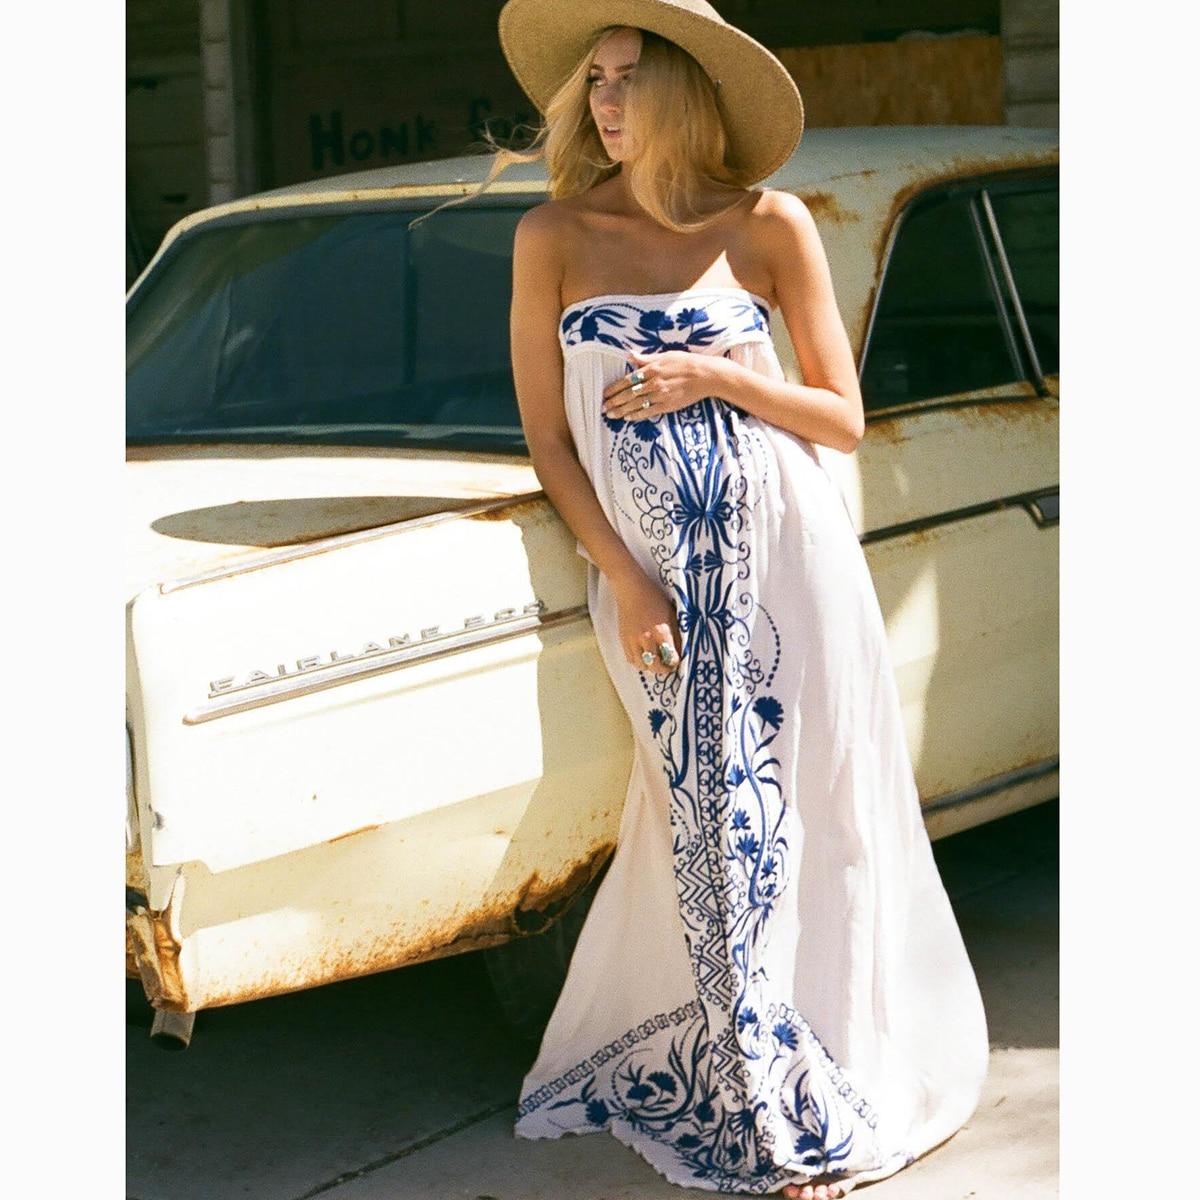 Broderie florale sans bretelles Maxi robe femmes vêtements d'été 2019 Vintage lâche robes blanches plage Hippie Boho Chic longue robe - 3